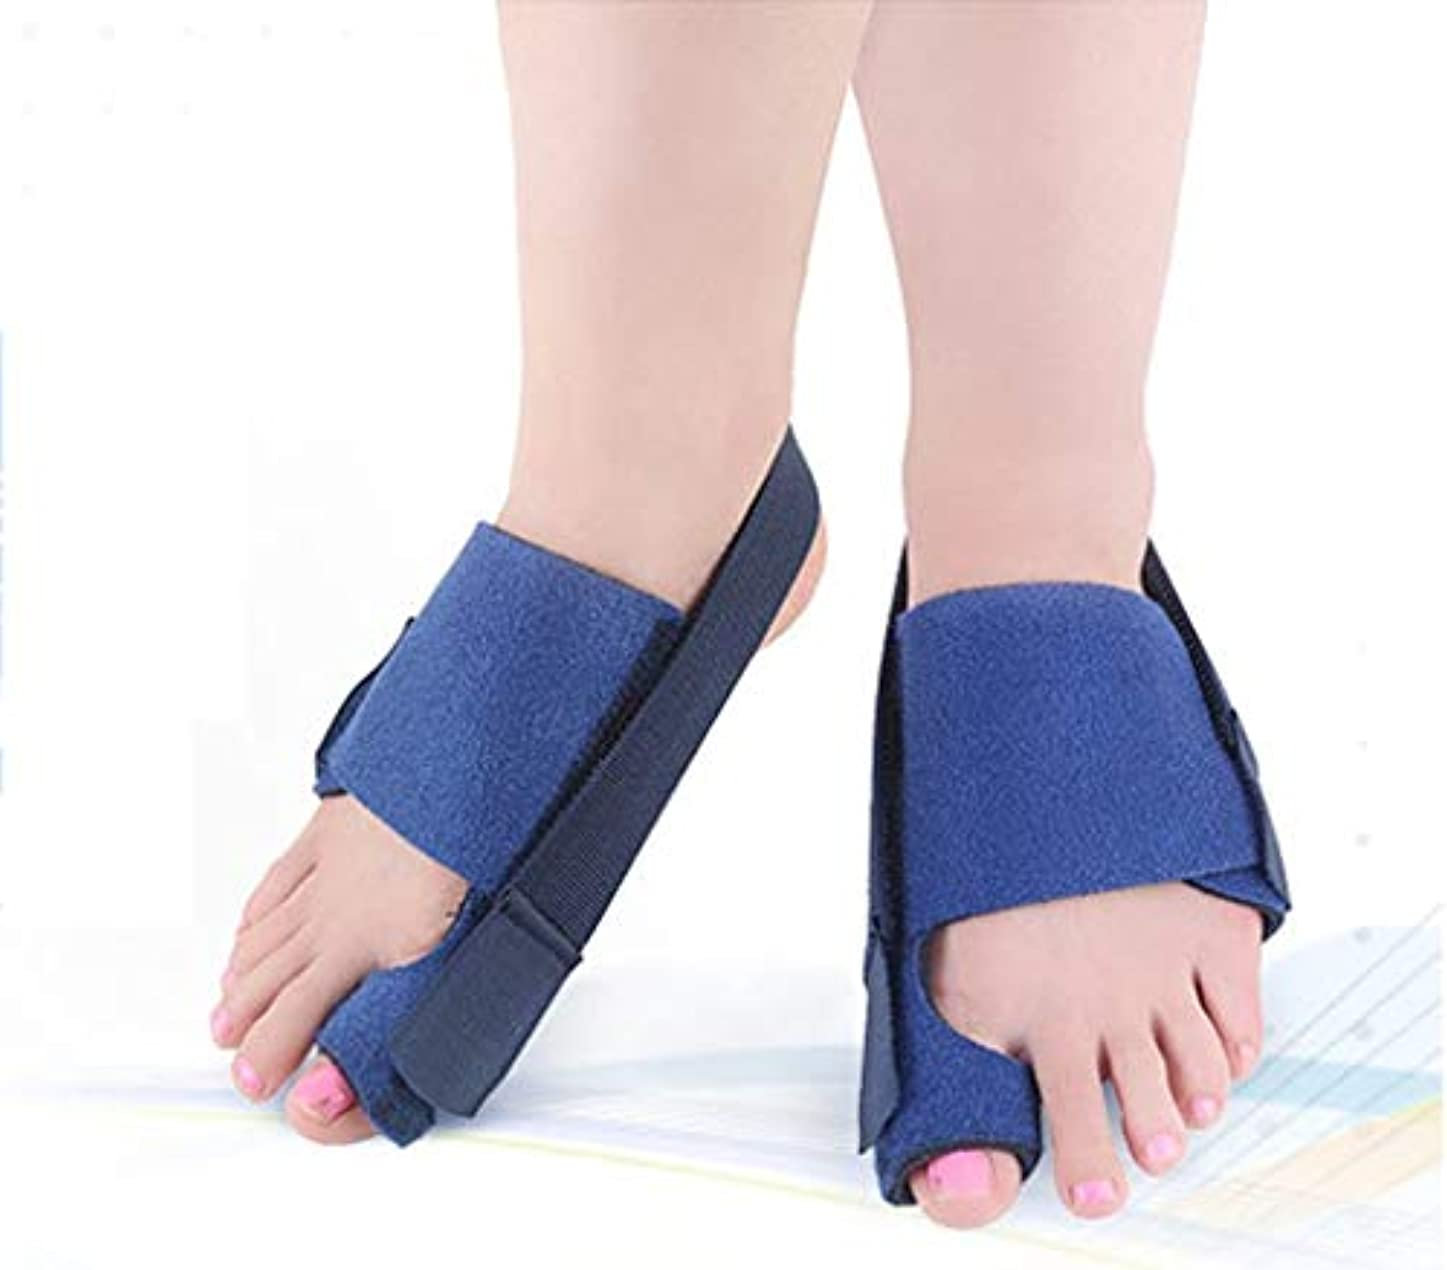 楕円形ずっととバニオンコレクター  - 整形外科用足首矯正ビッグトゥストレートナー - 外反母趾パッド用副木ブレース、関節痛の緩和、アライメント治療 - 整形外科用スリーブフットラップ